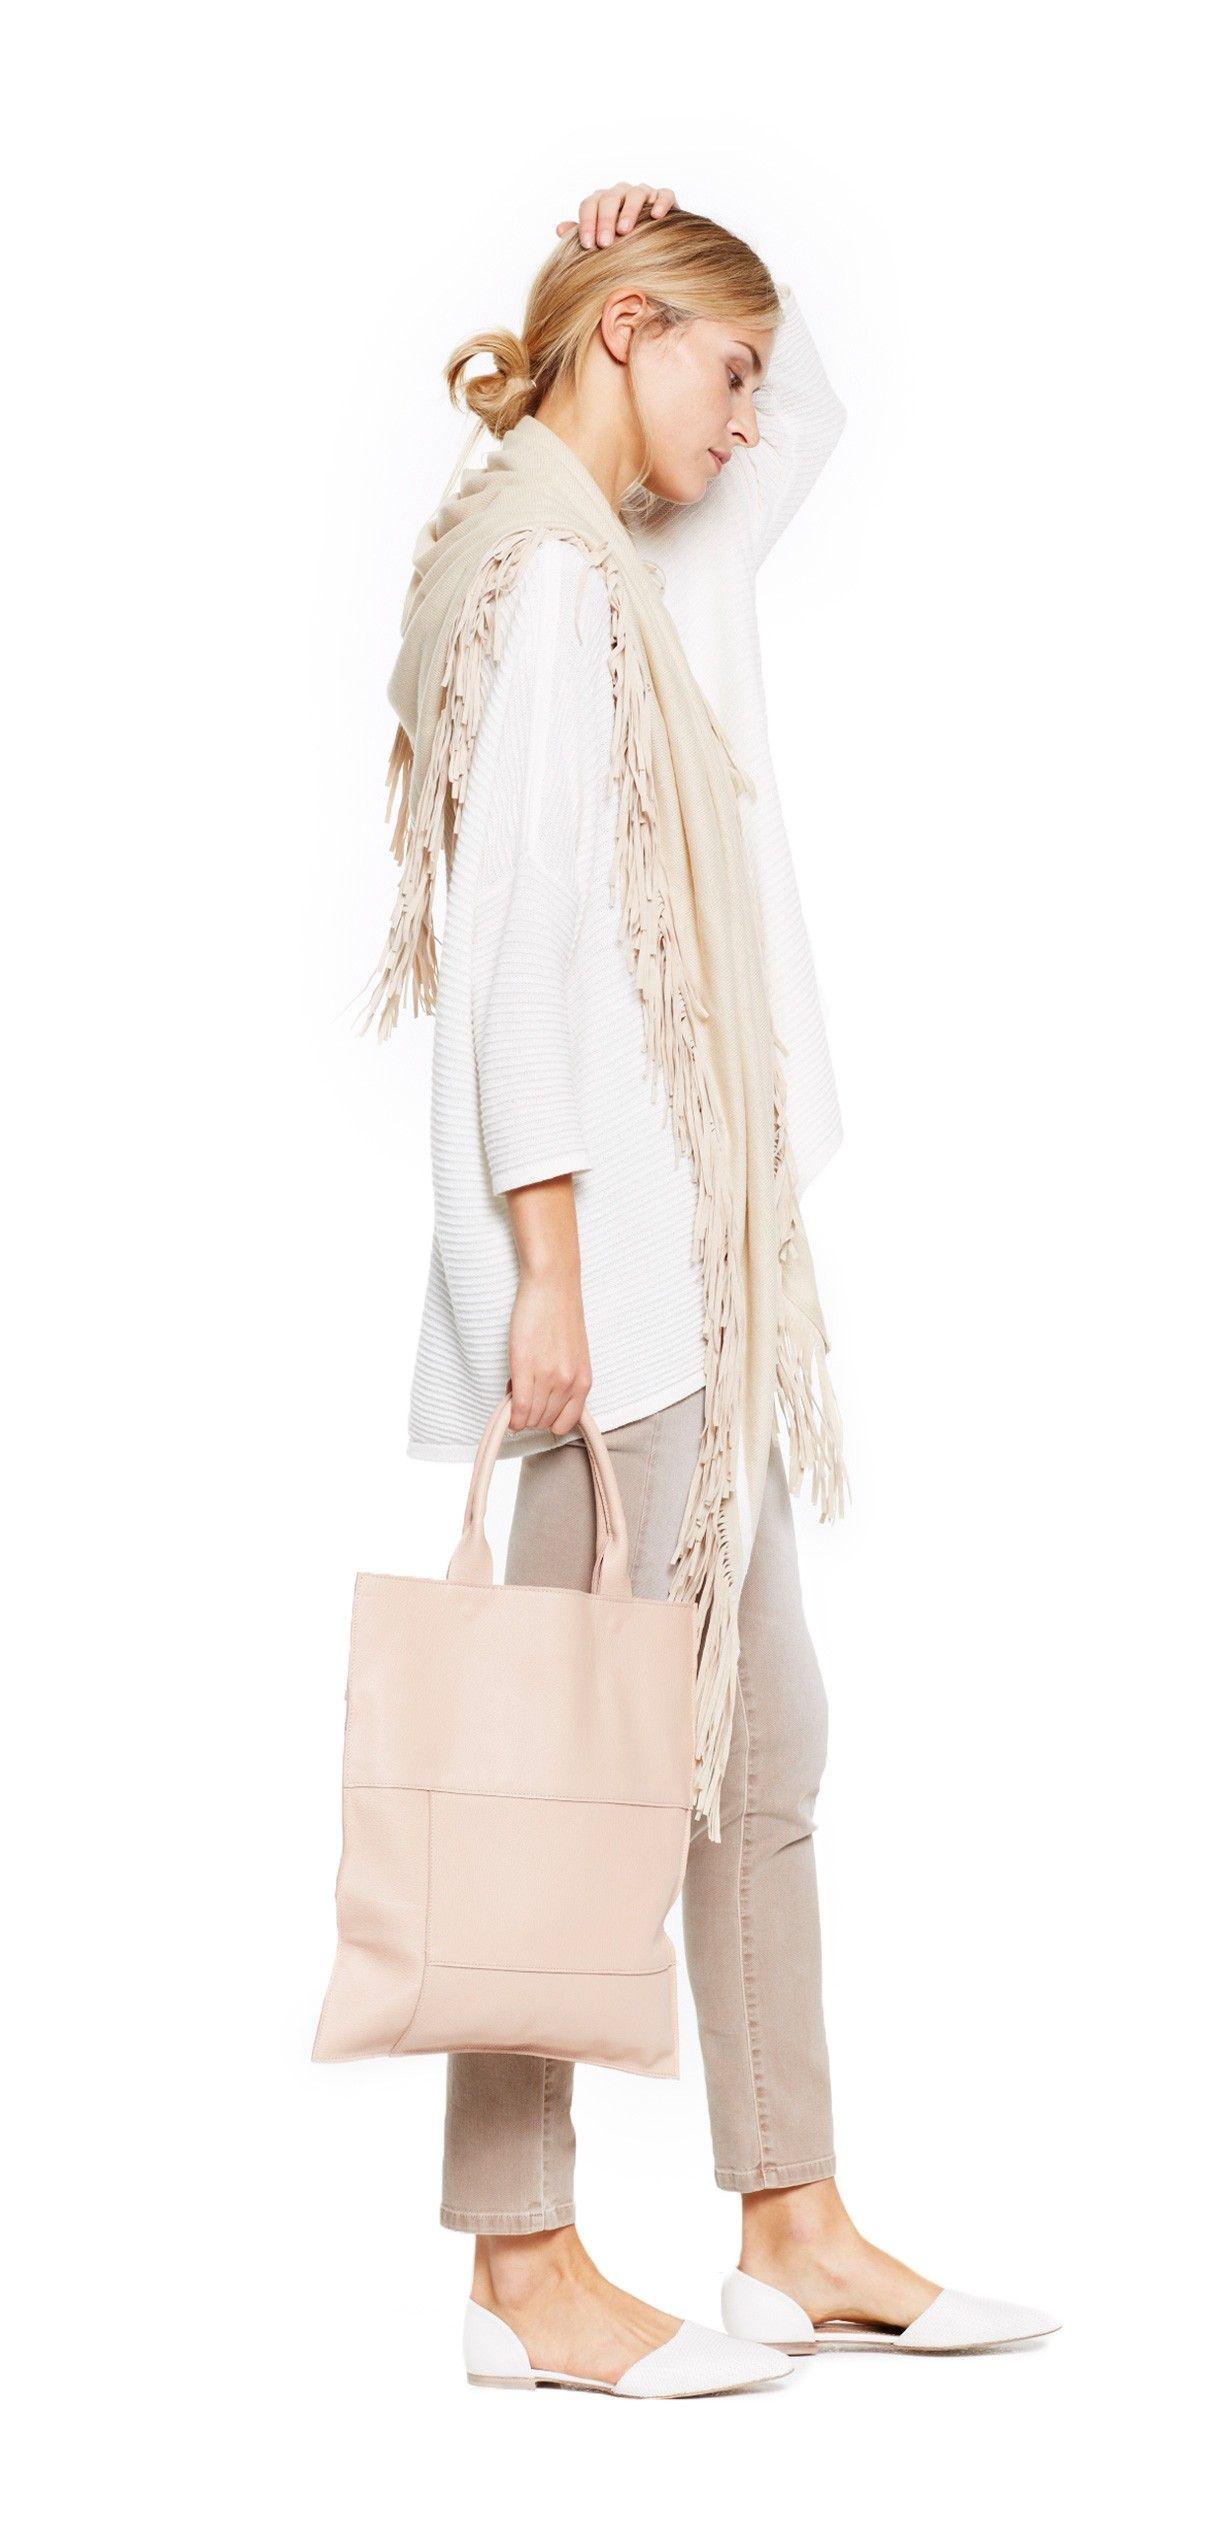 Amazing Outfit aus R hrenhose Boxy Pullover und Dreieckstuch im OPUS Fashion Online Shop bestellen Kauf auf Rechnung und versandkostenfrei ab bei OPUS Fashion